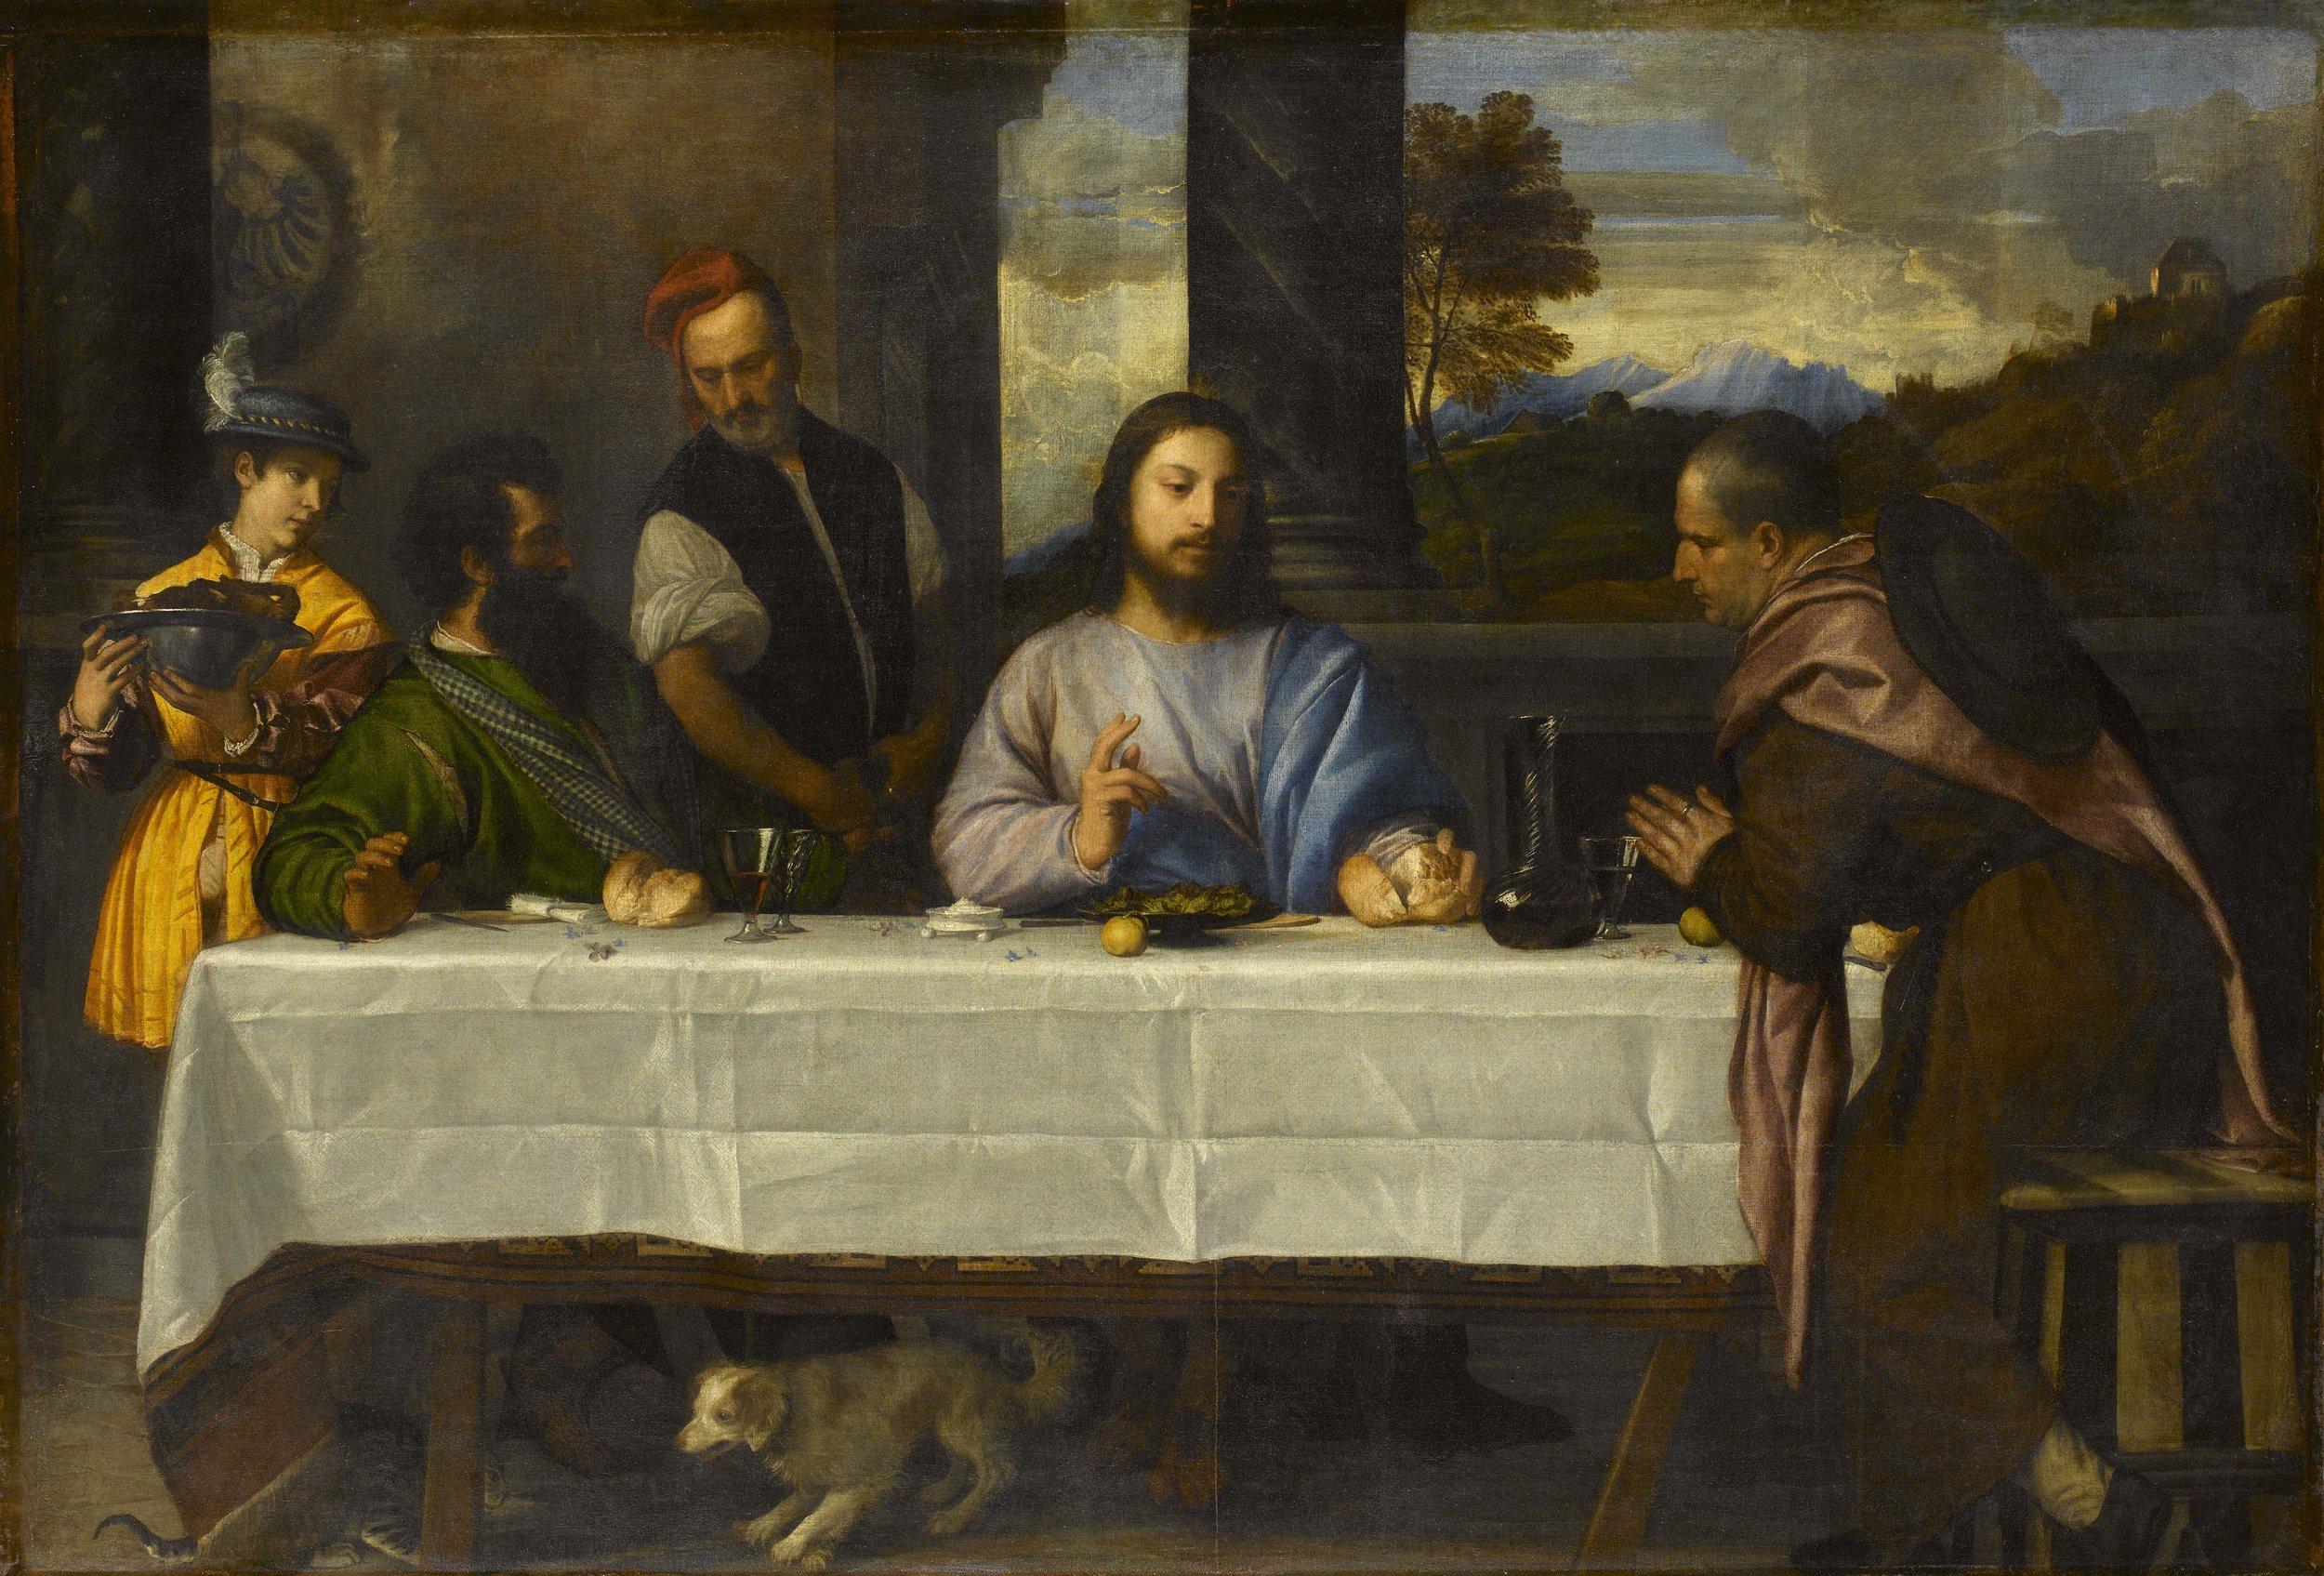 Titian, The Supper at Emmaus, c.1530, Oil on canvas, 169 x 244 cm, Paris, Louvre Museum, Department of Paintings, inv. 746  Photo © RMN-Grand Palais (musée du Louvre) / Stéphane Maréchalle.